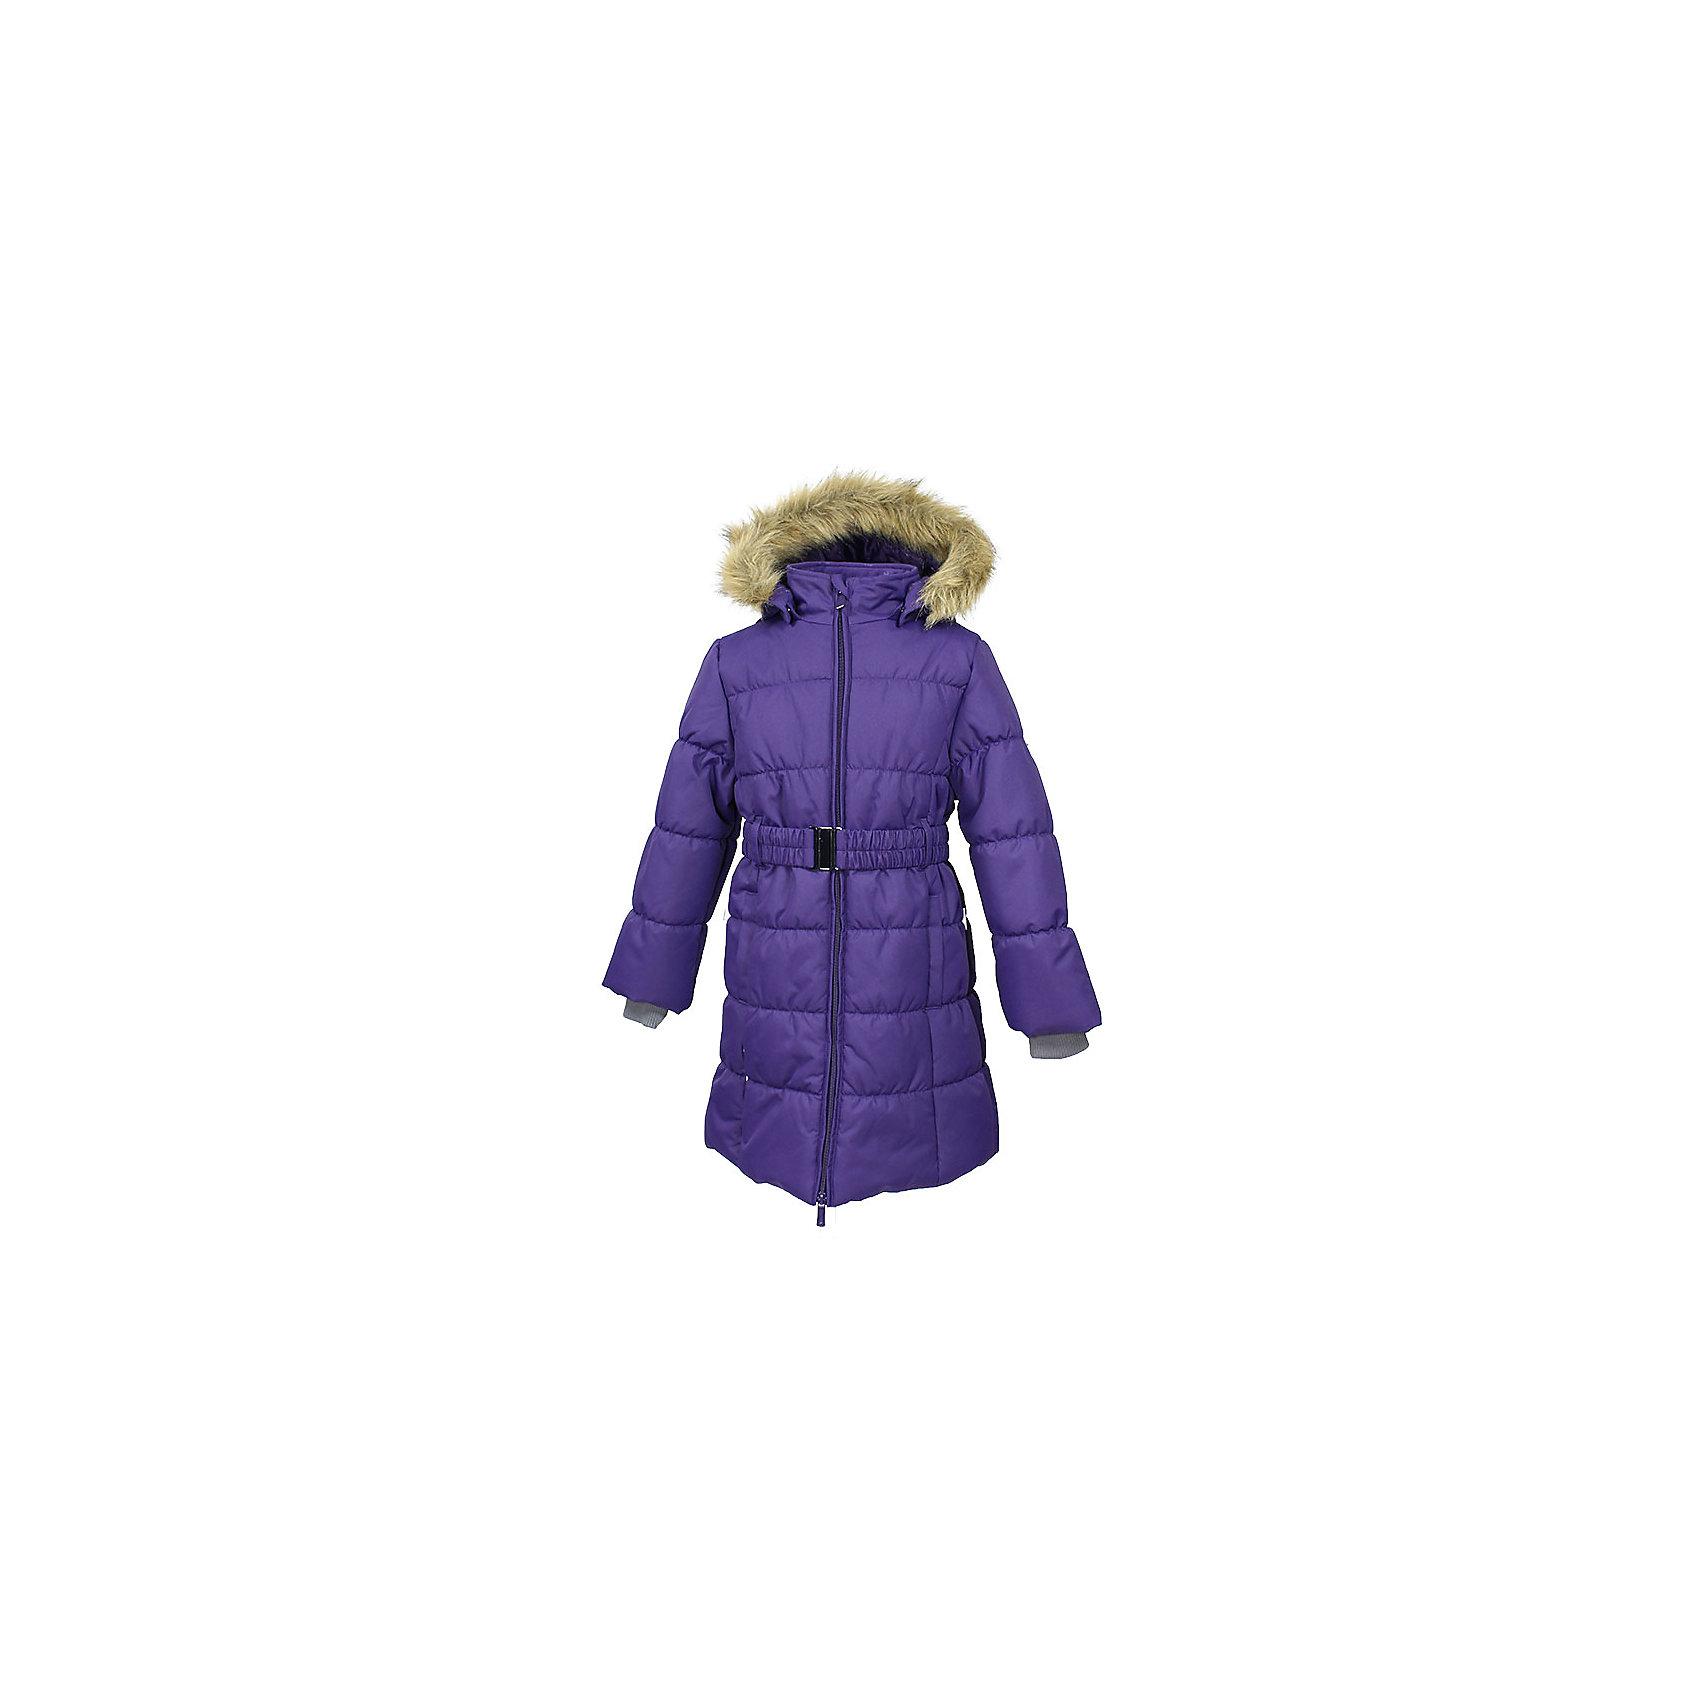 Пальто YACARANDA Huppa для девочкиВерхняя одежда<br>Куртка для девочек YACARANDA.Водо и воздухонепроницаемость 10 000. Утеплитель 300 гр. Подкладка тафта, флис 100% полиэстер. Отстегивающийся капюшон с мехом. Внутренний манжет рукава.Вязаные детали.Двухсторонняя молния. Имеются светоотражательные детали.<br>Состав:<br>100% Полиэстер<br><br>Ширина мм: 356<br>Глубина мм: 10<br>Высота мм: 245<br>Вес г: 519<br>Цвет: лиловый<br>Возраст от месяцев: 48<br>Возраст до месяцев: 60<br>Пол: Женский<br>Возраст: Детский<br>Размер: 158,164,170,104,110,116,122,128,134,140,146,152<br>SKU: 7027414